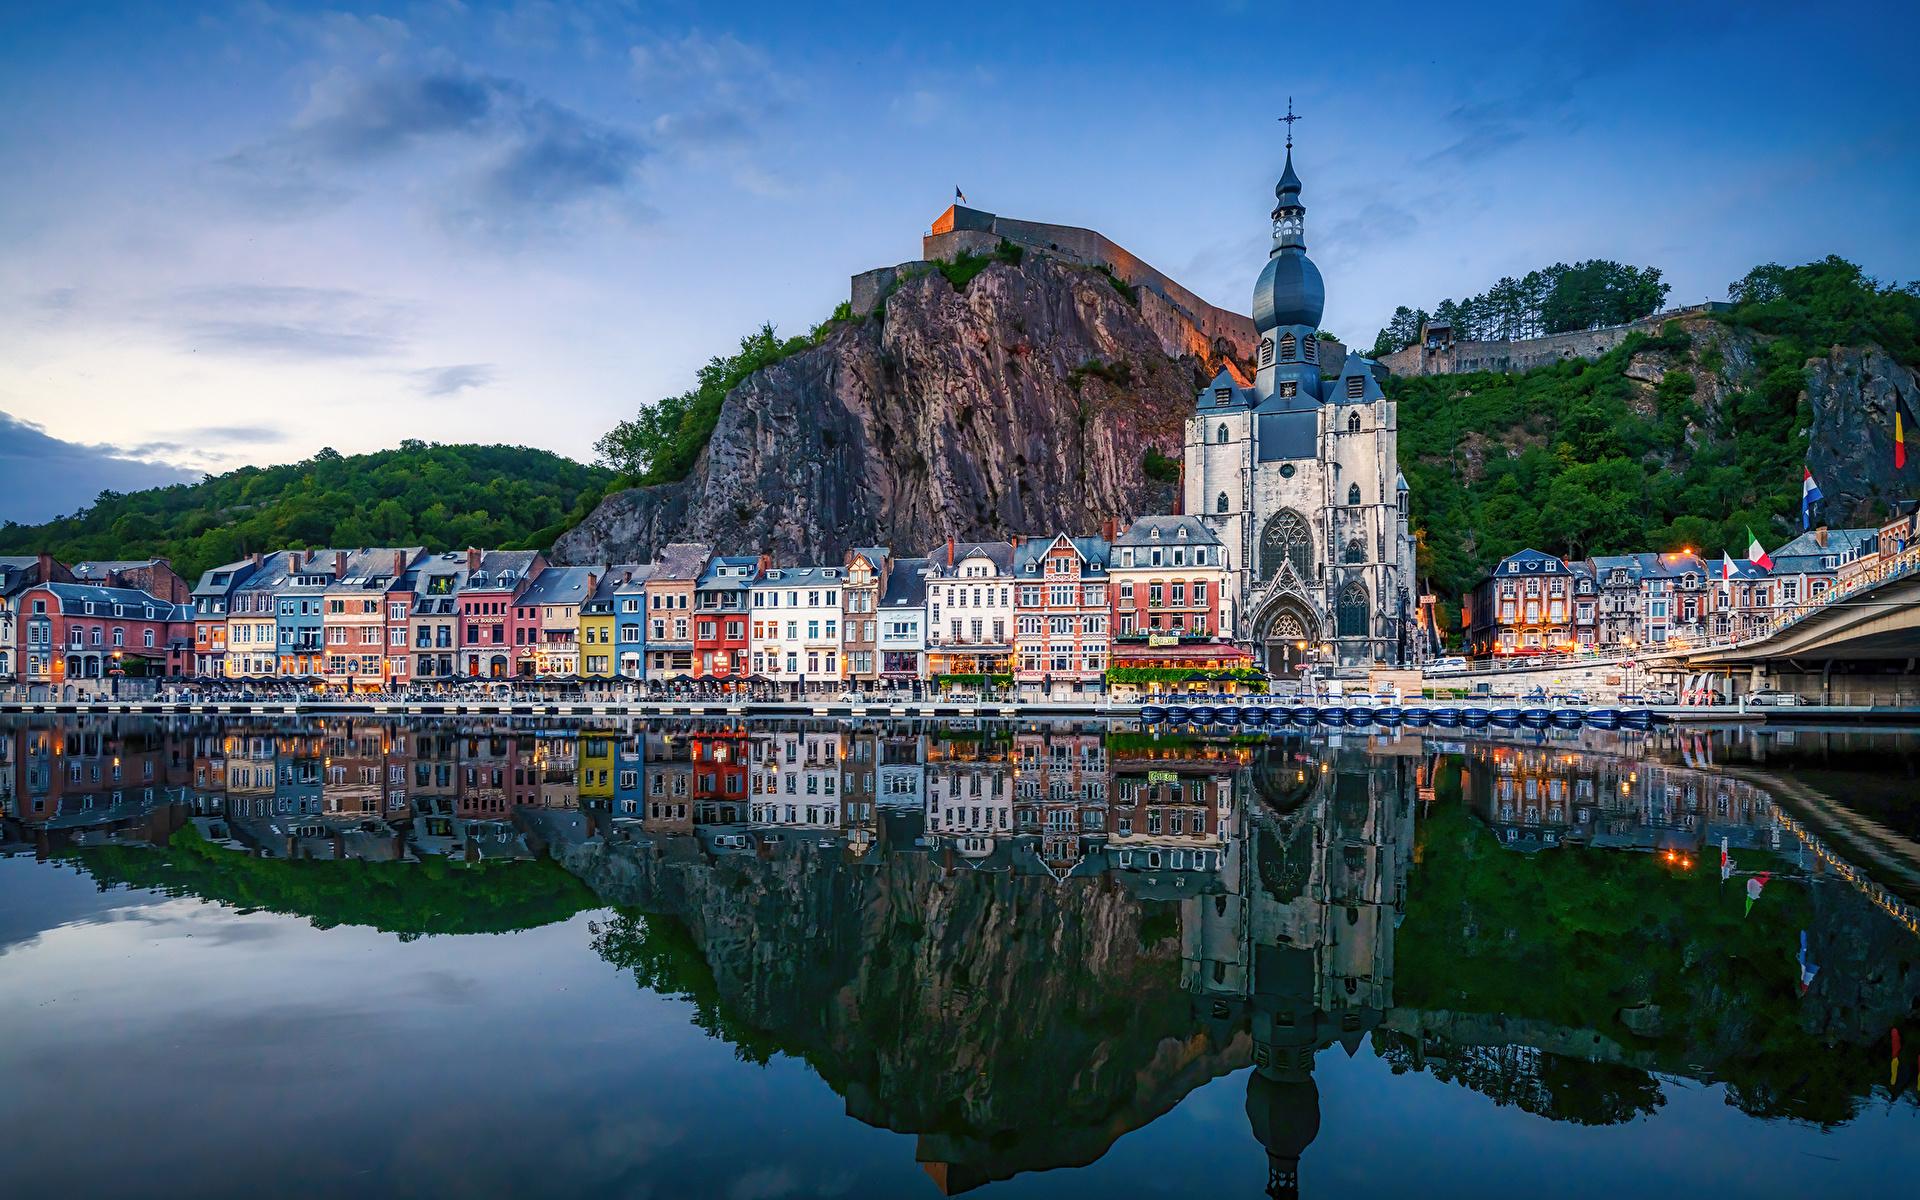 Картинки Церковь Бельгия Dinant скалы Отражение Реки город Здания 1920x1200 Утес скале Скала отражении отражается река речка Дома Города